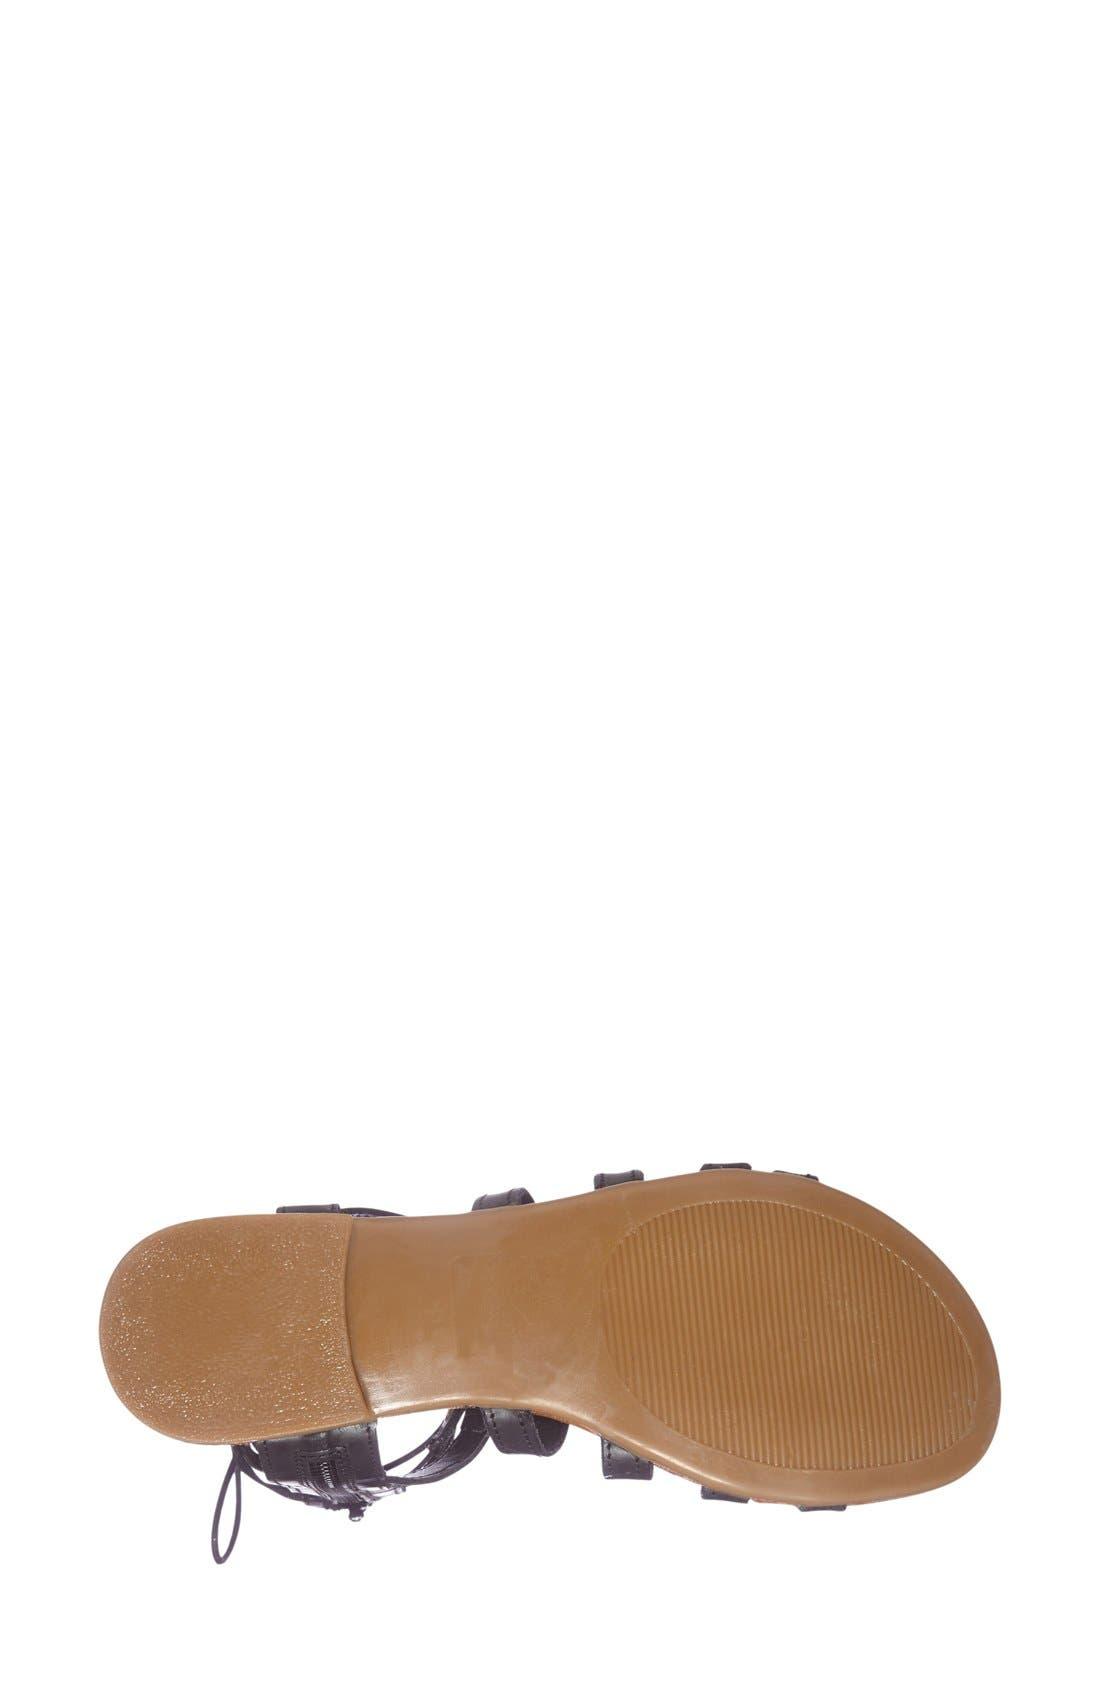 Alternate Image 4  - Steve Madden 'Sparra' Gladiator Sandal (Women)